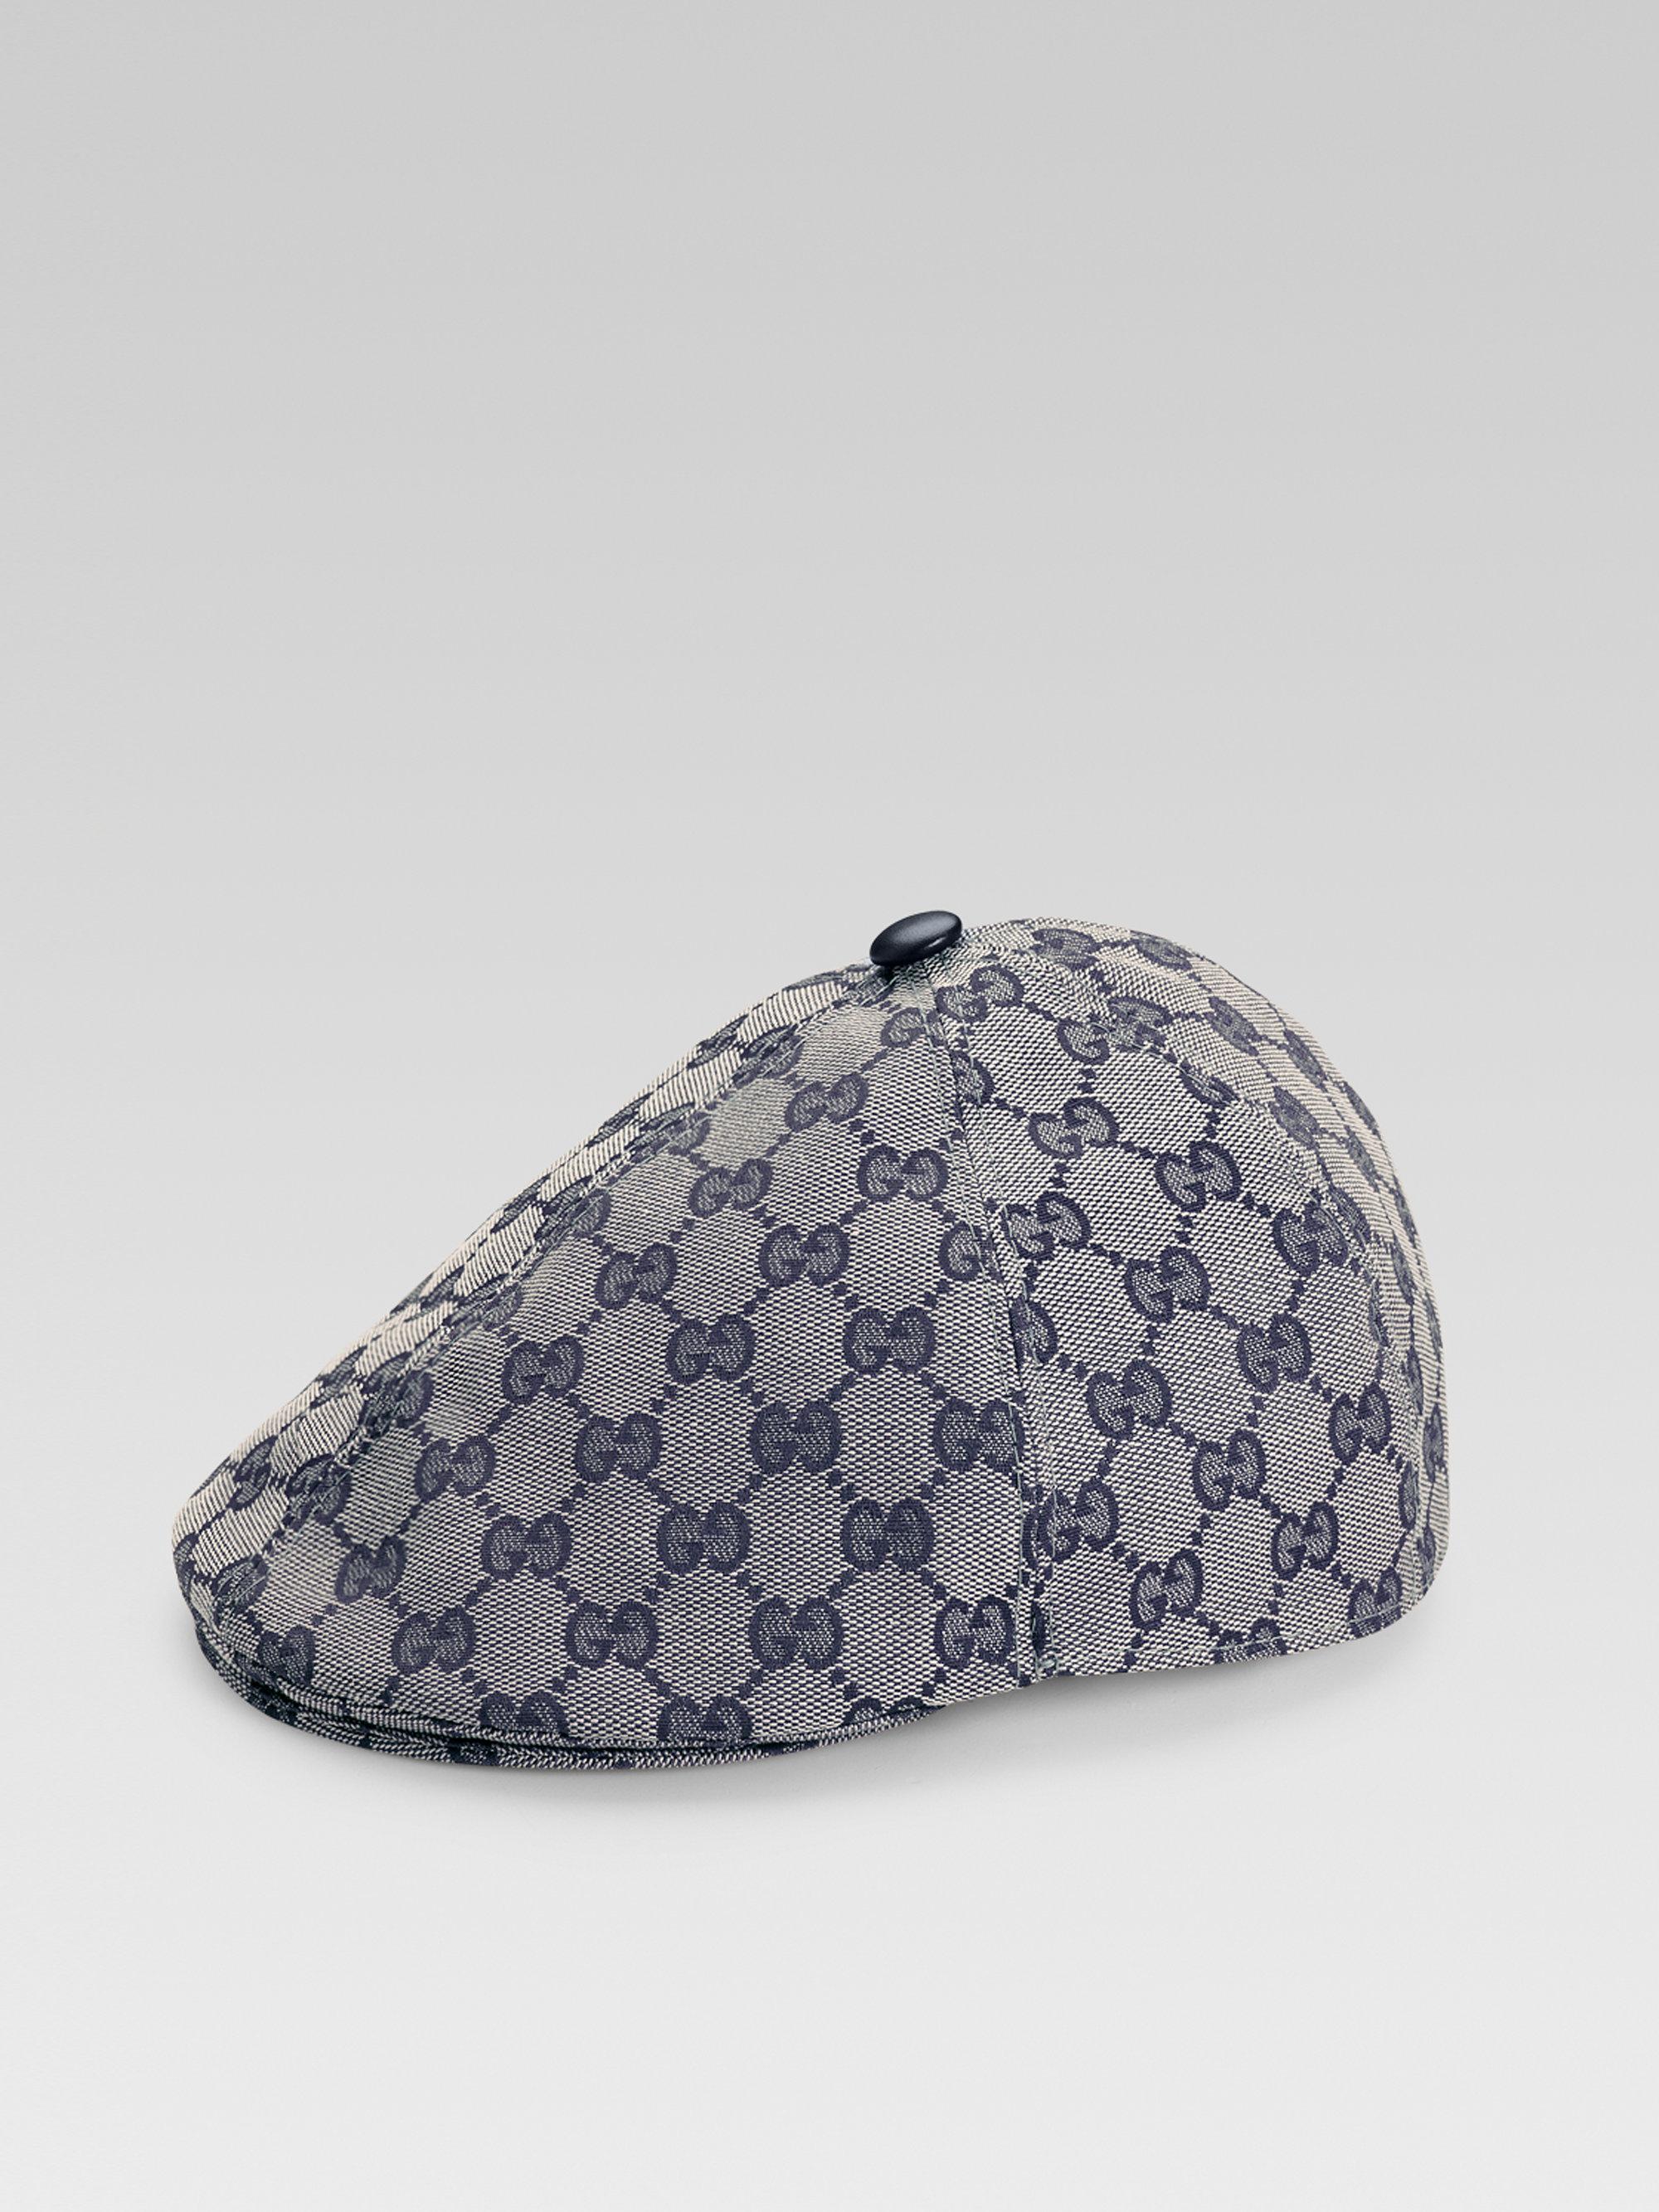 8ae87974 Gucci Kids Capello Driving Cap in Gray for Men - Lyst